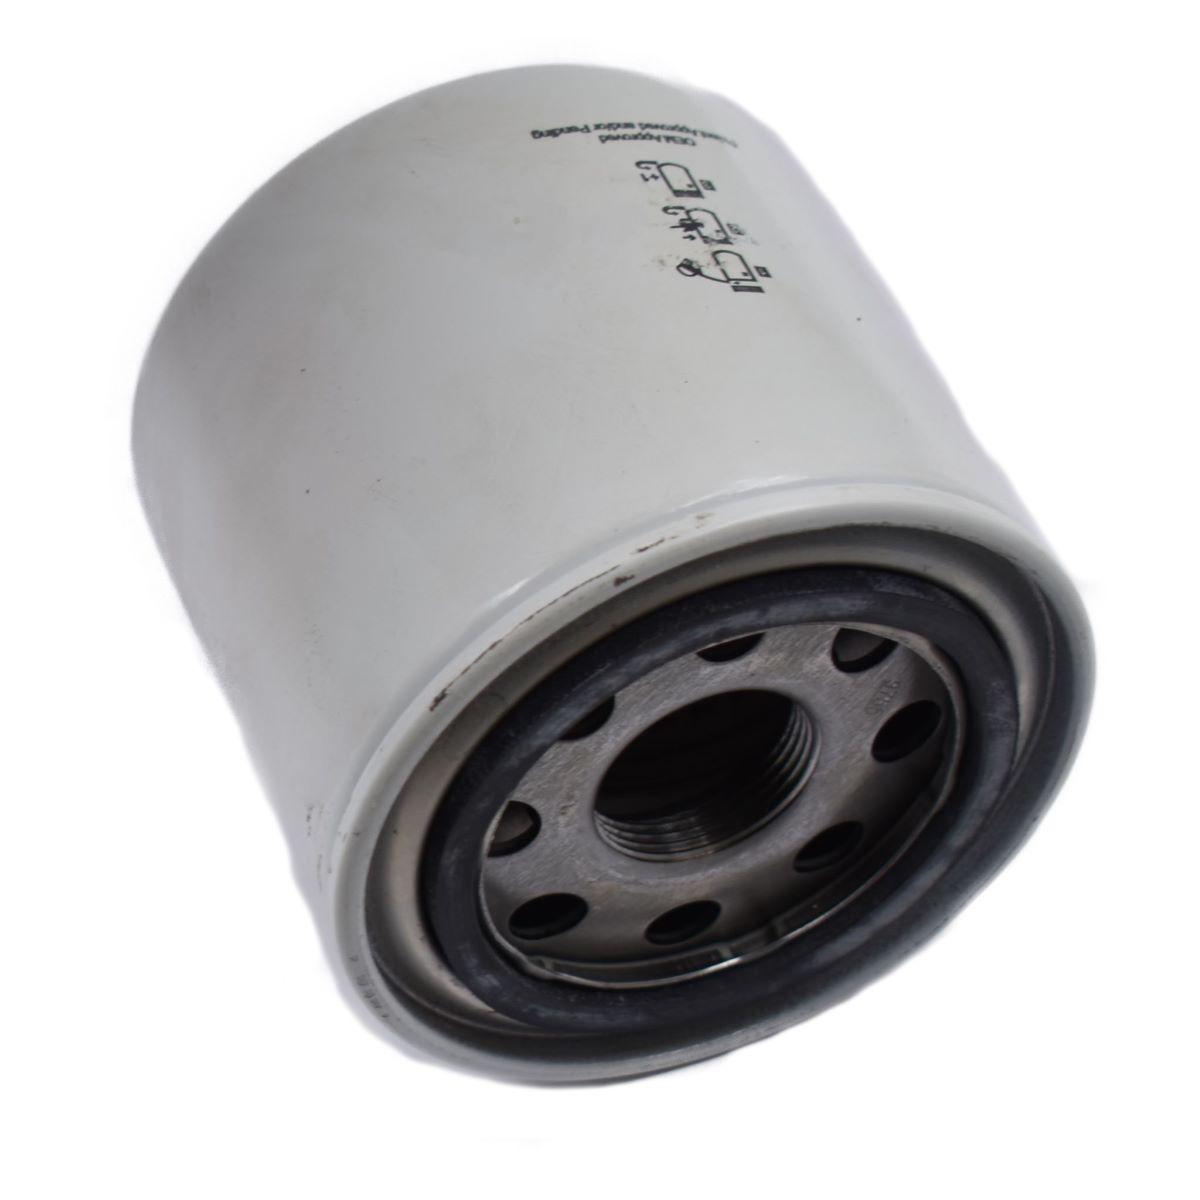 Mitsubishi: MT16 MT17 MT18 MT20 MT165 MT185 MT205 Afmetingen: Hoogte: 95mm Diameter: 95mm